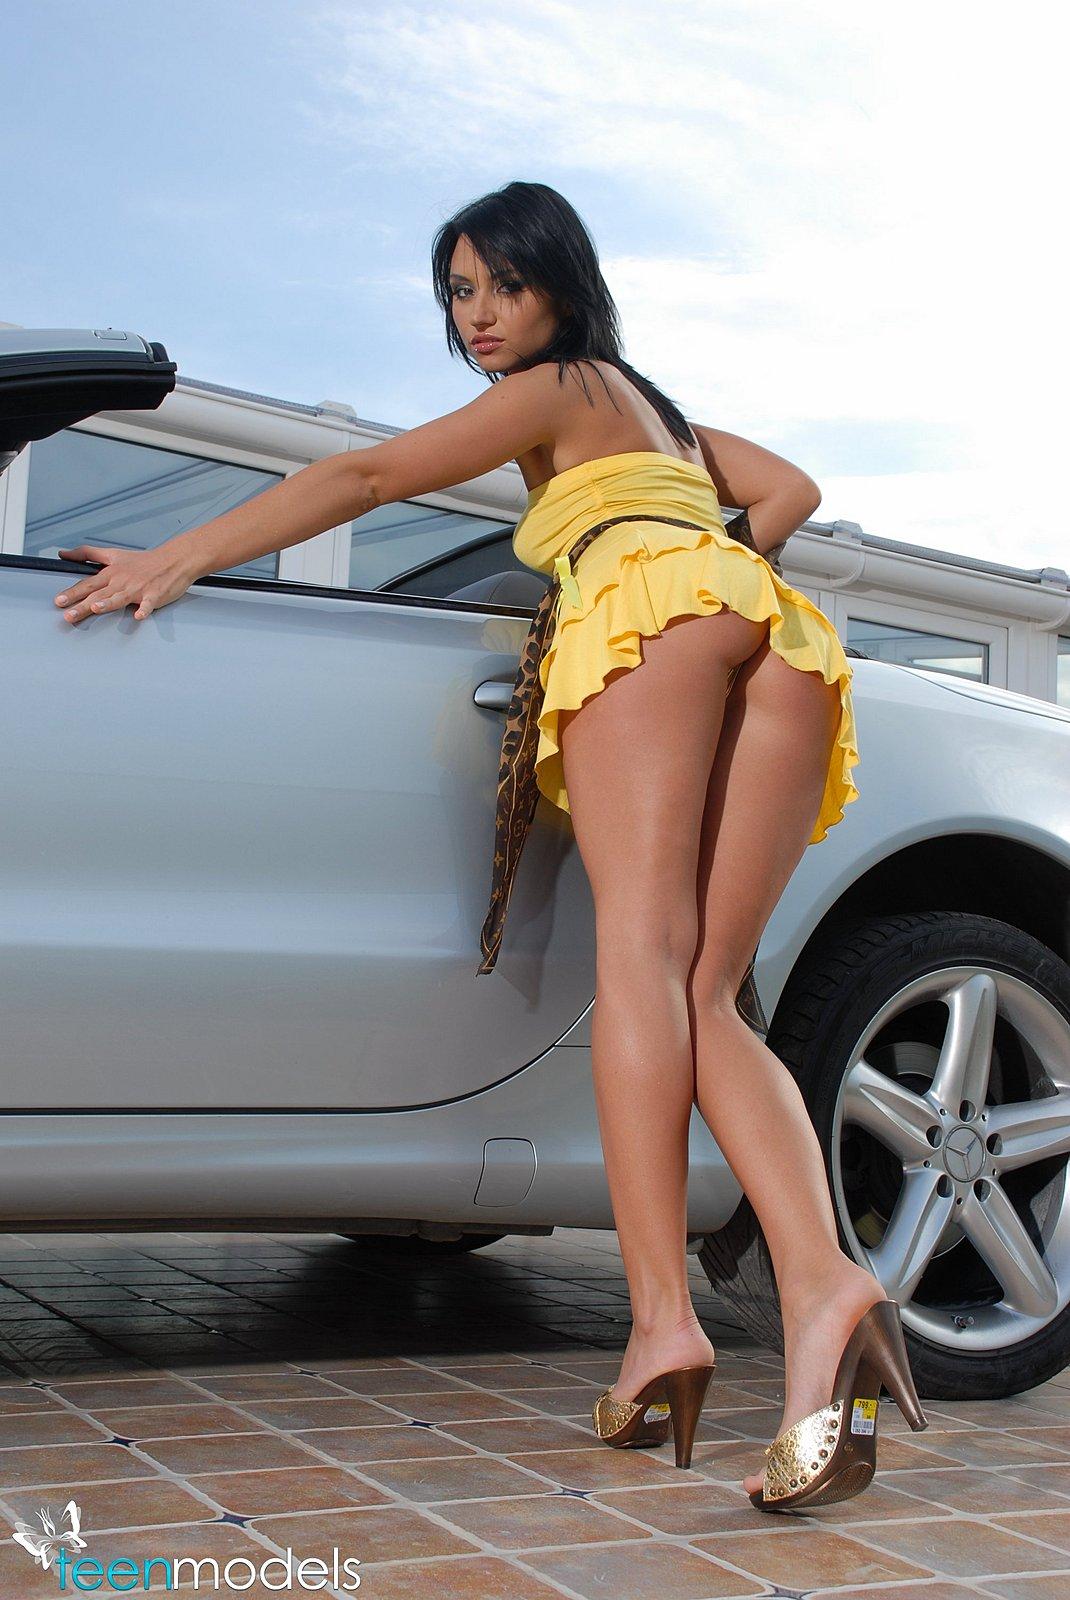 car pussy Sports